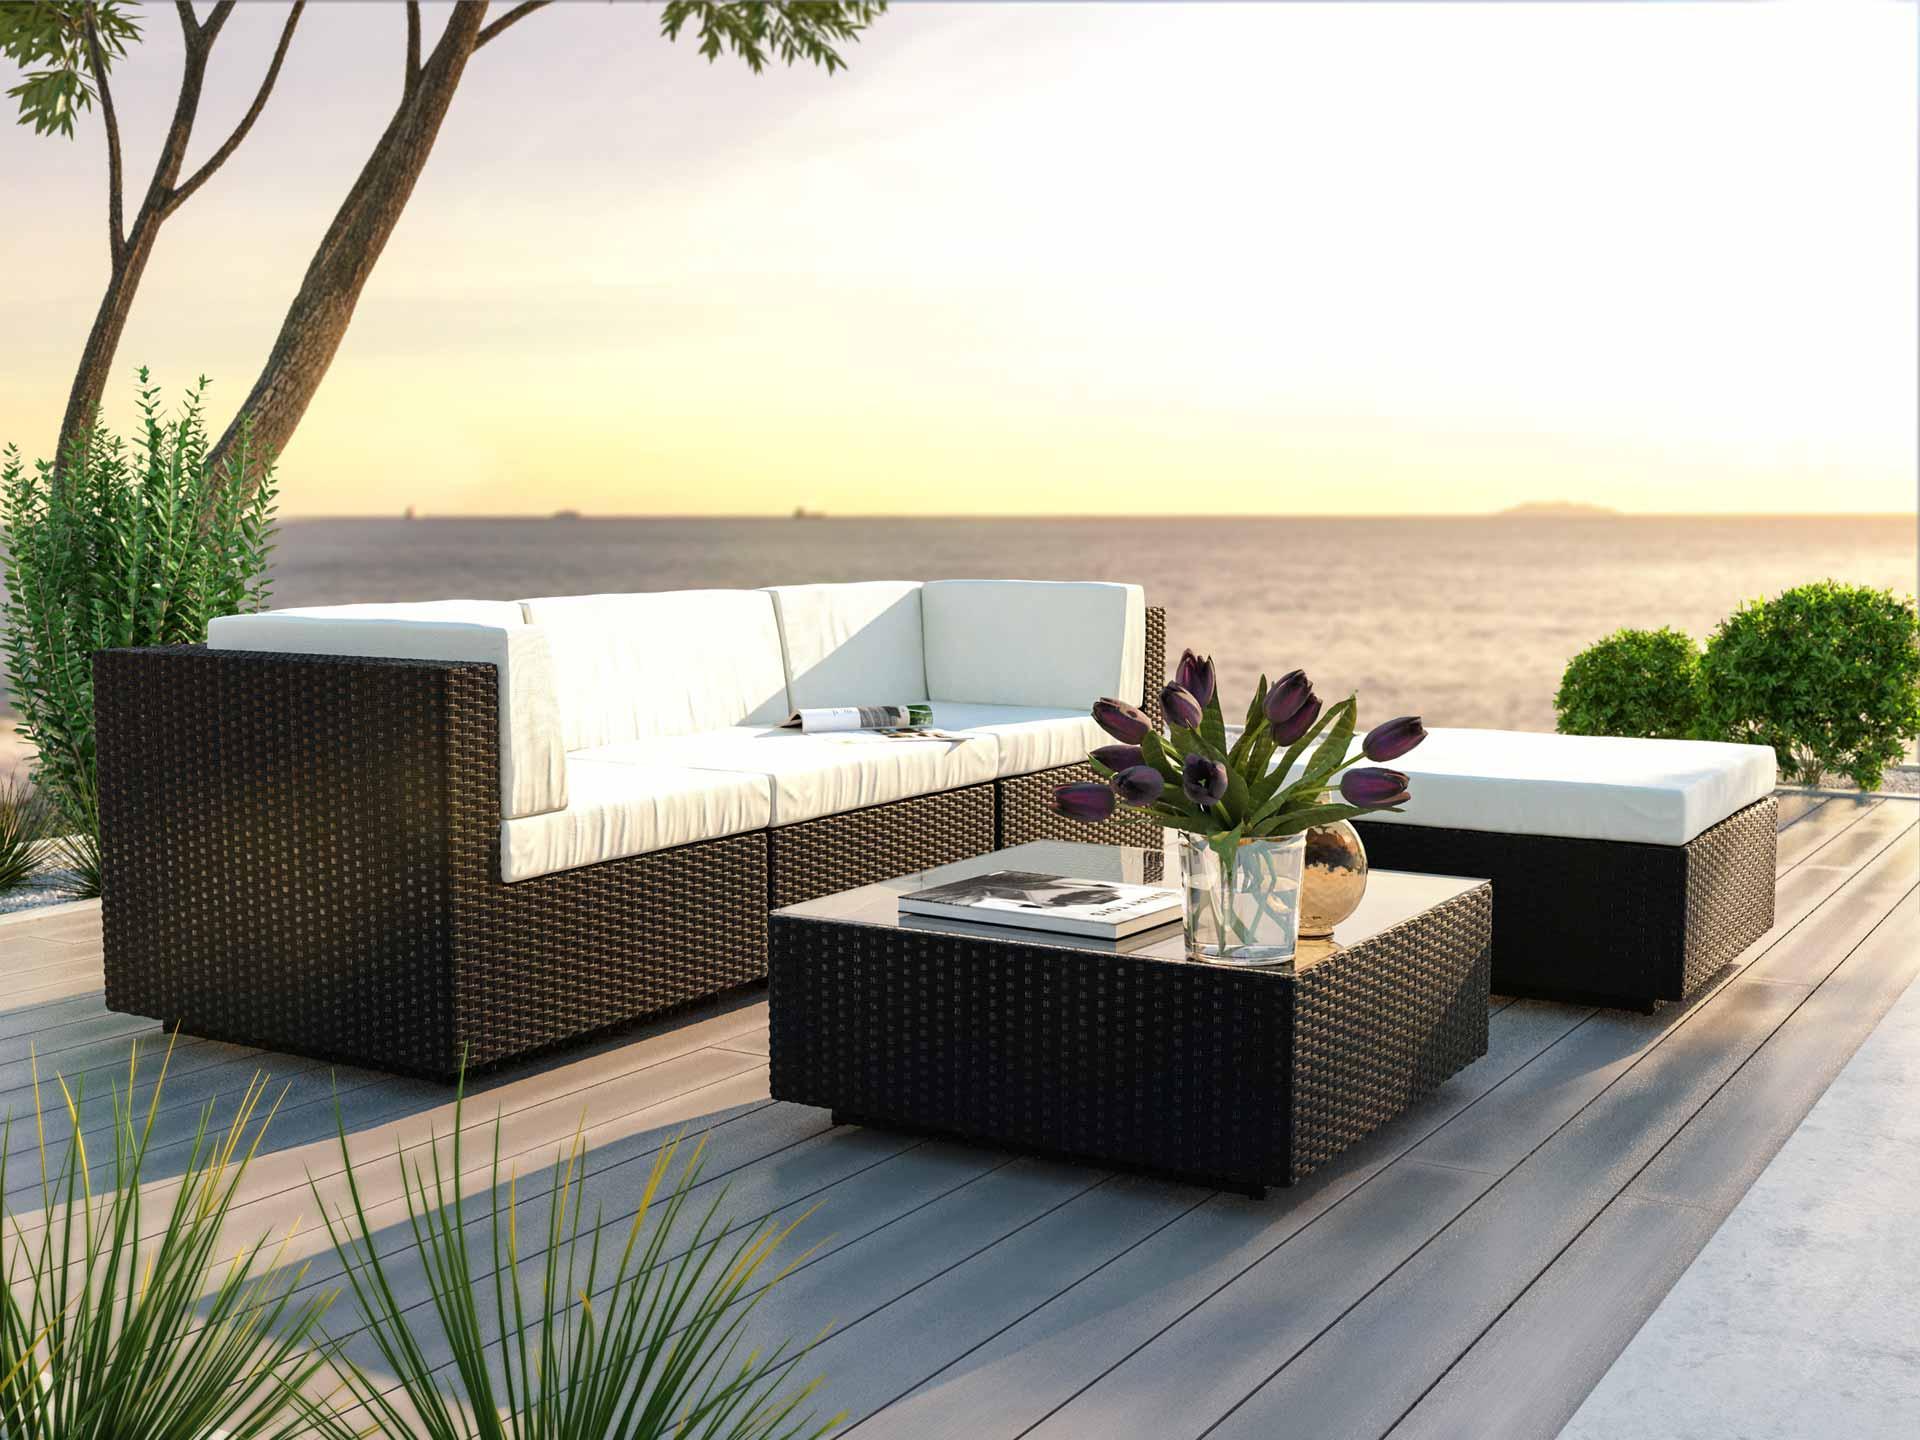 artelia rattan gartensofa aus polyrattan preiswert im gartenm bel shop bestellen. Black Bedroom Furniture Sets. Home Design Ideas